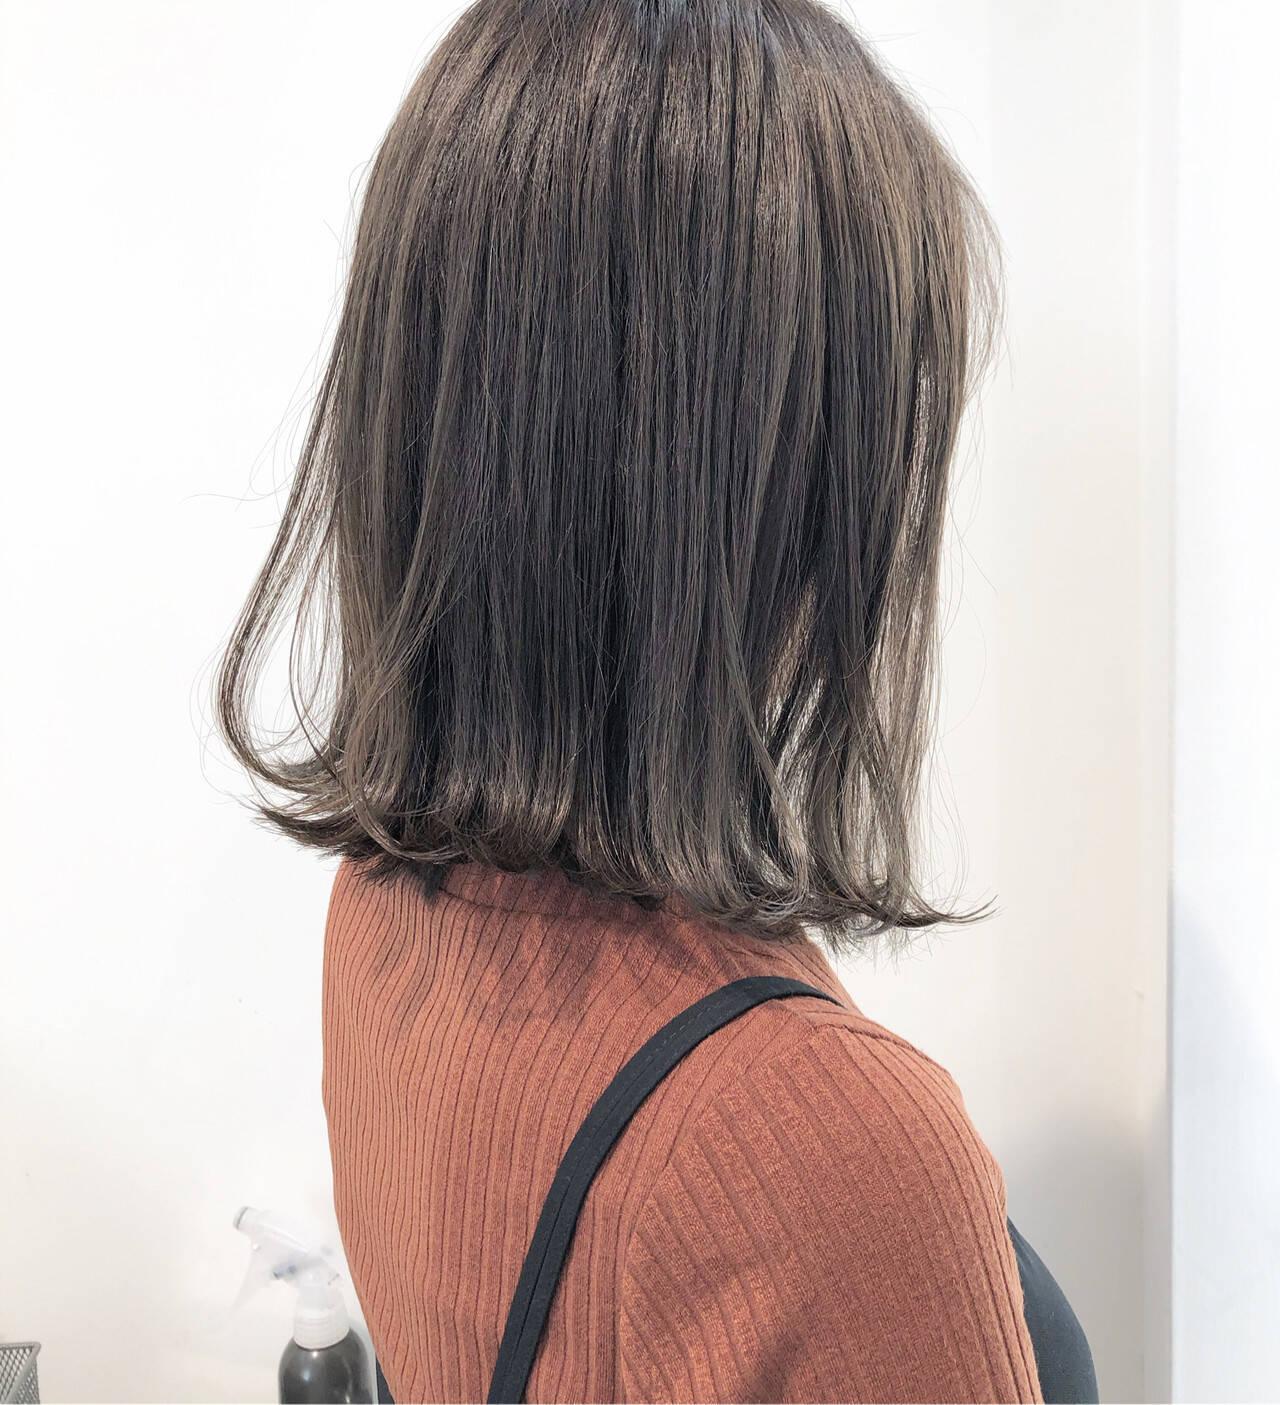 ナチュラル グレージュ ミディアム ヘアアレンジヘアスタイルや髪型の写真・画像